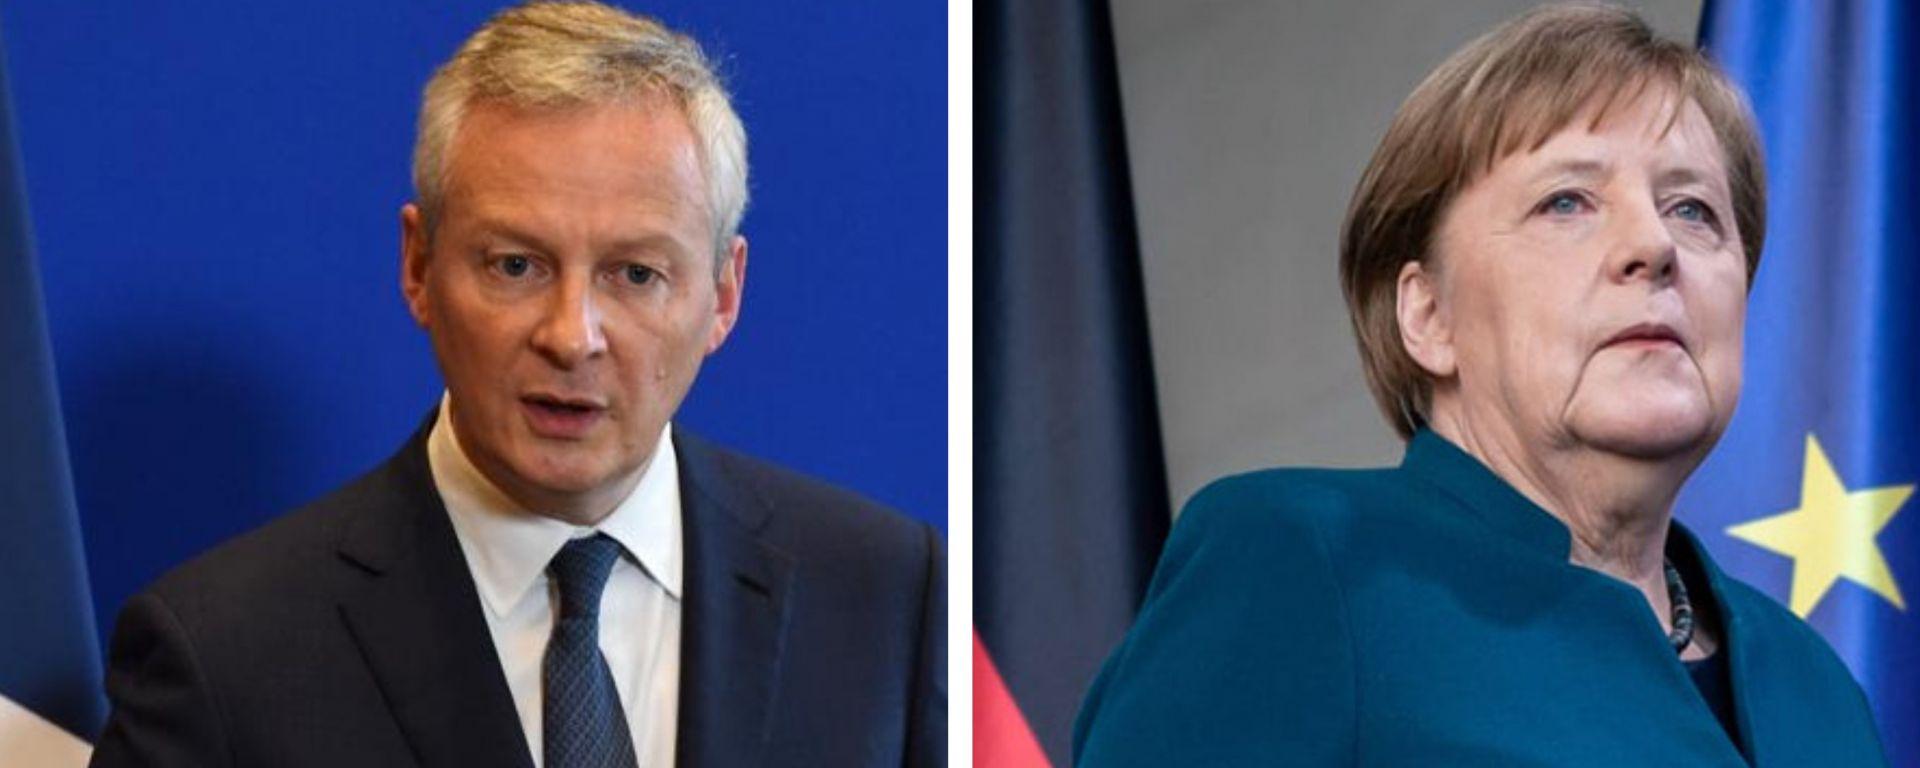 Bruno Le Maire e Angela Merkel: sostegno alle rispettive Case auto nazionali